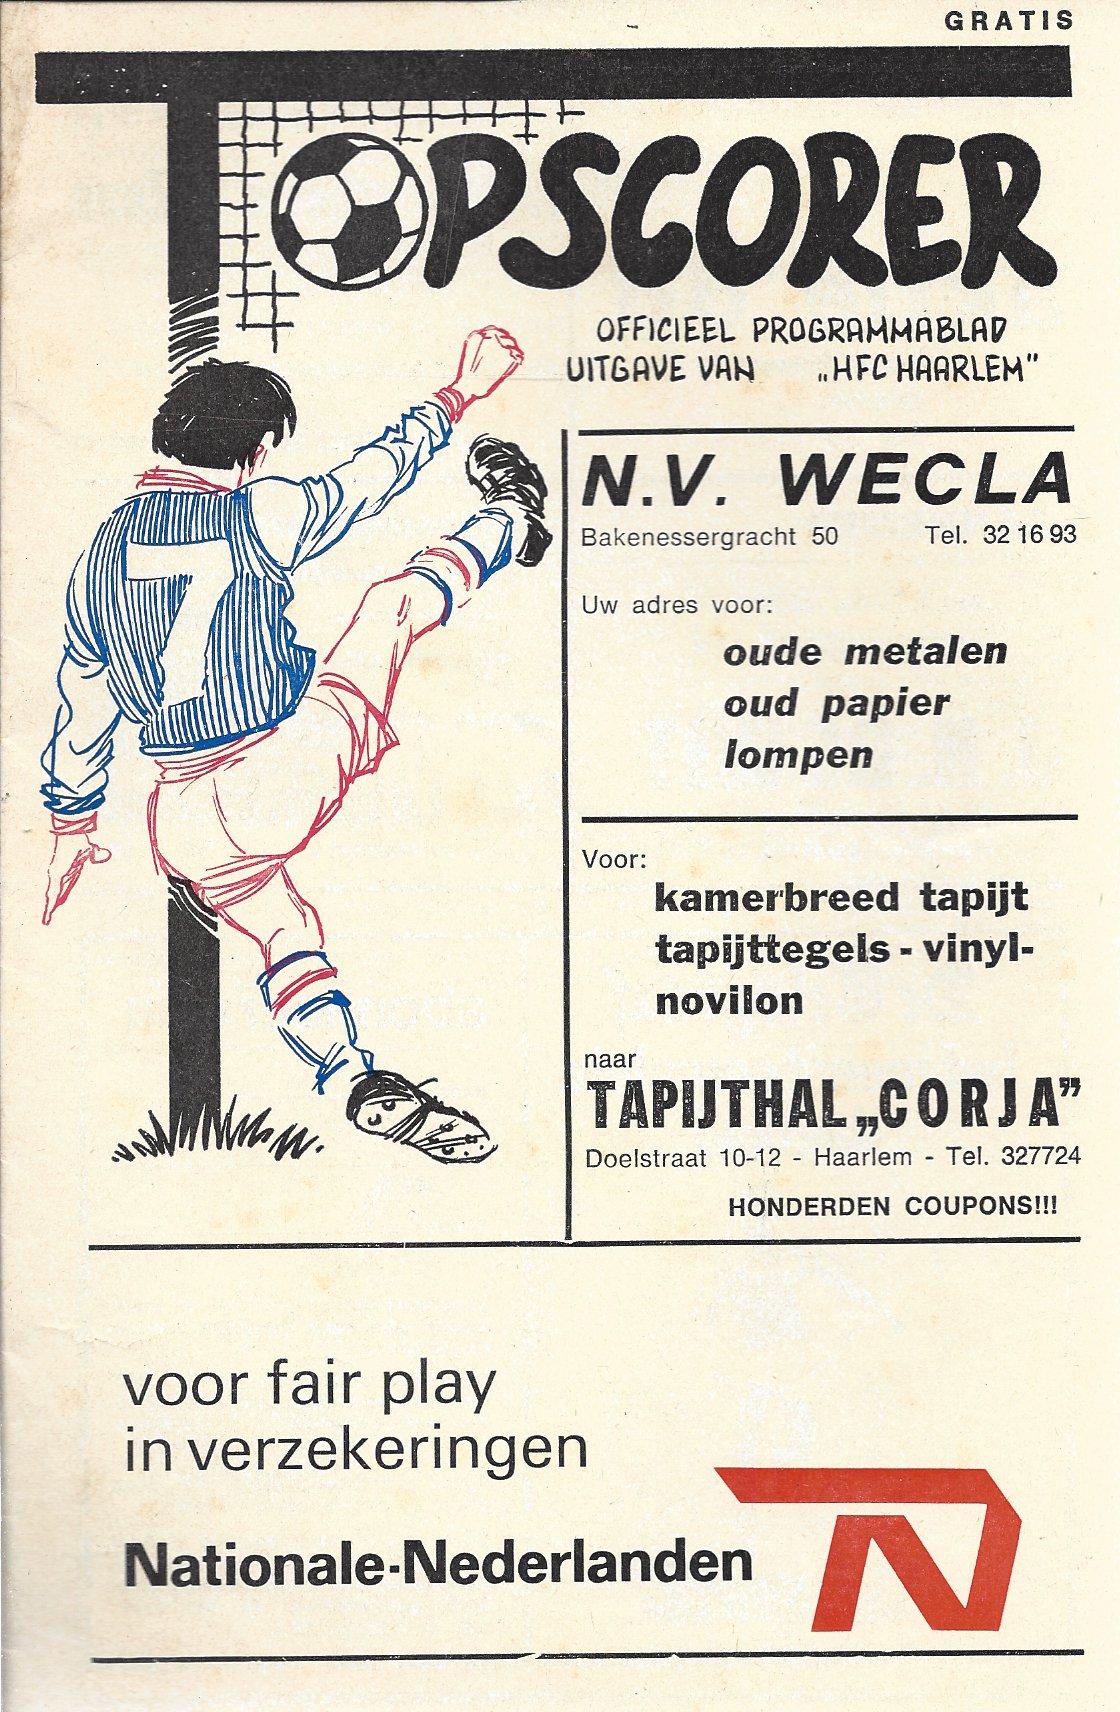 nvt - Topscorrer (HFC Haarlem)